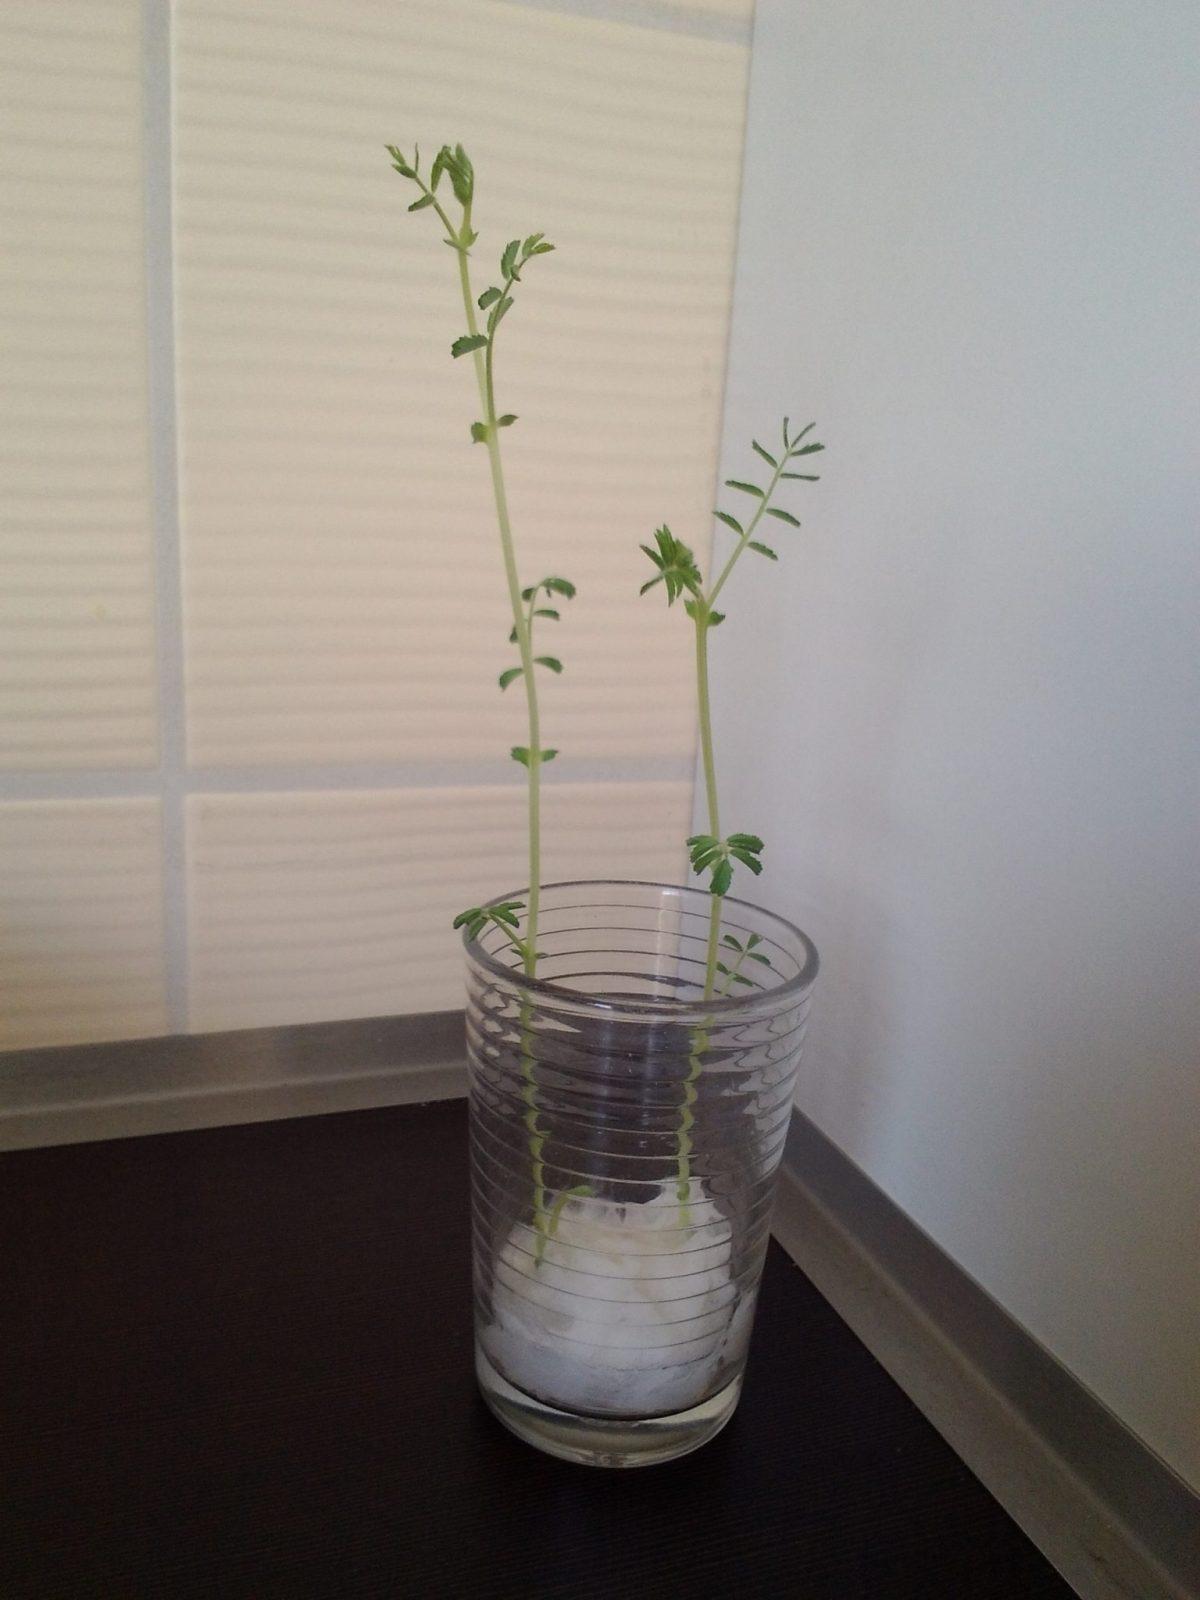 Plantando Semillas - Actividad para los niños